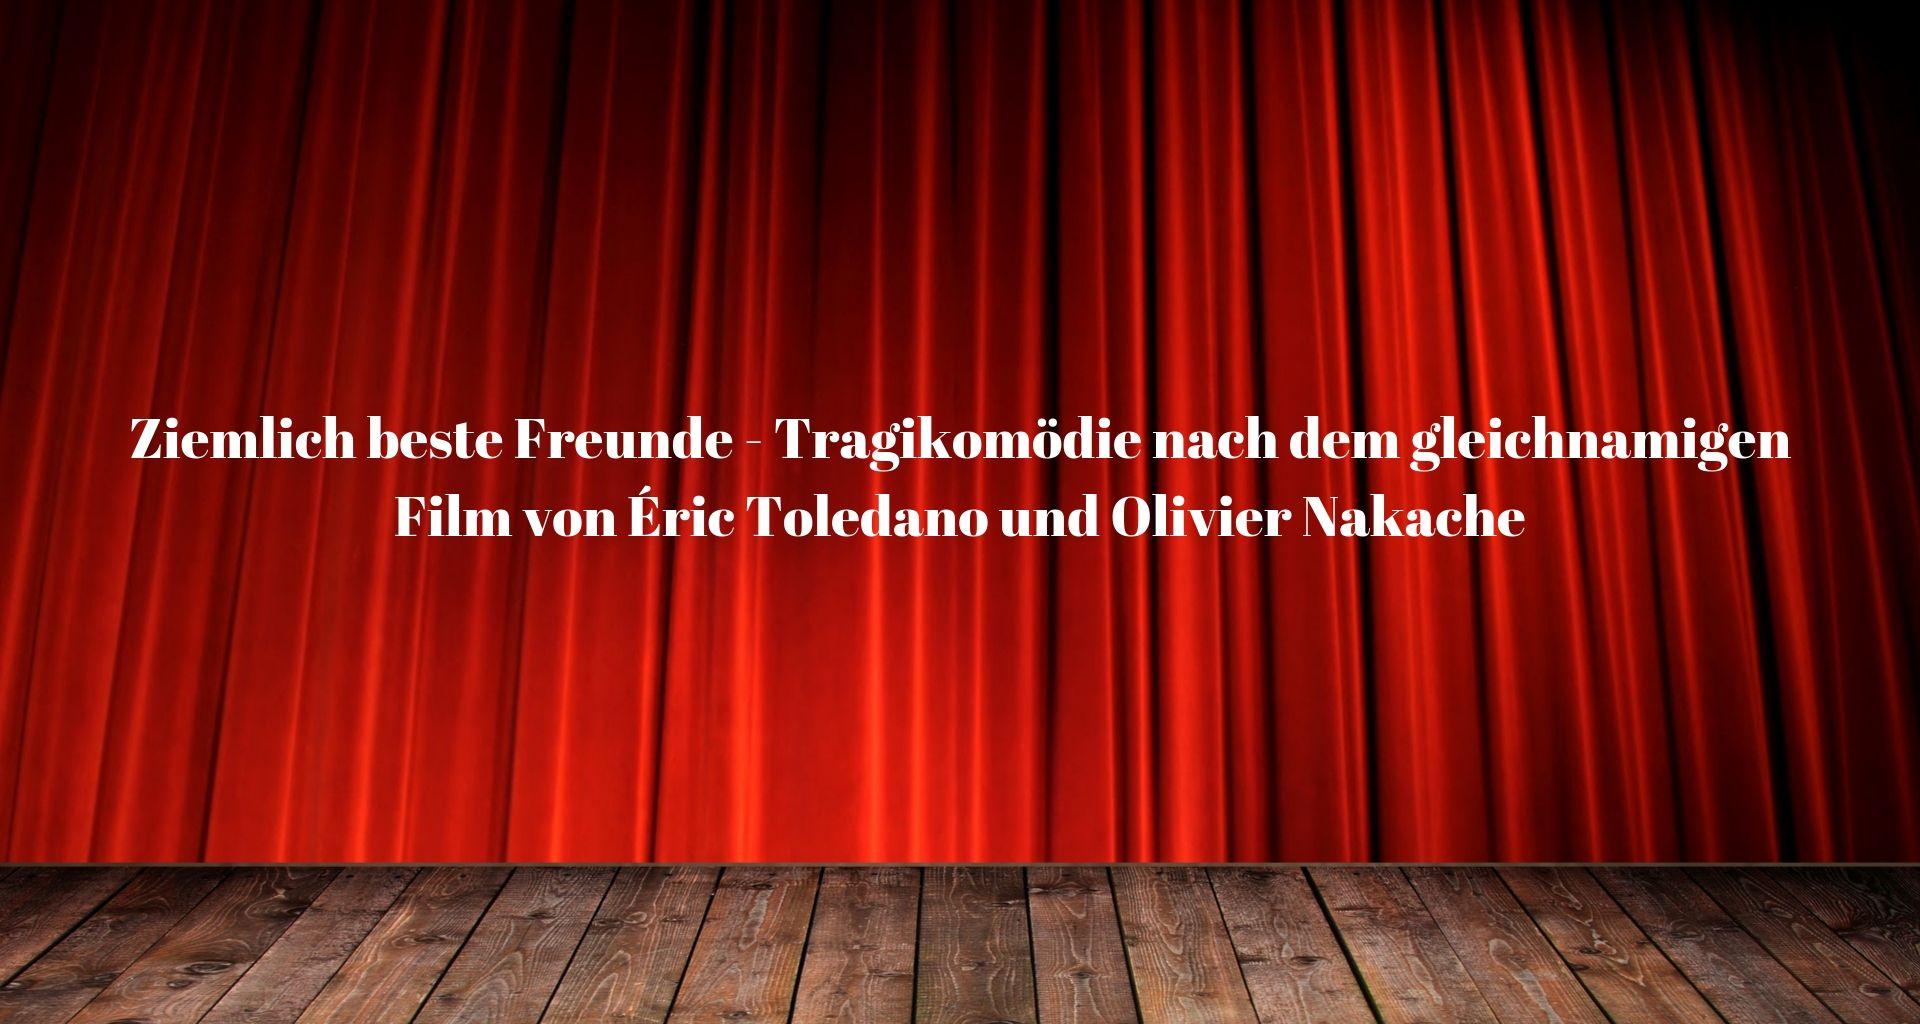 Top Event - Ziemlich beste Freunde – Tragikomödie nach dem gleichnamigen Film von Éric Toledano und Olivier Nakache